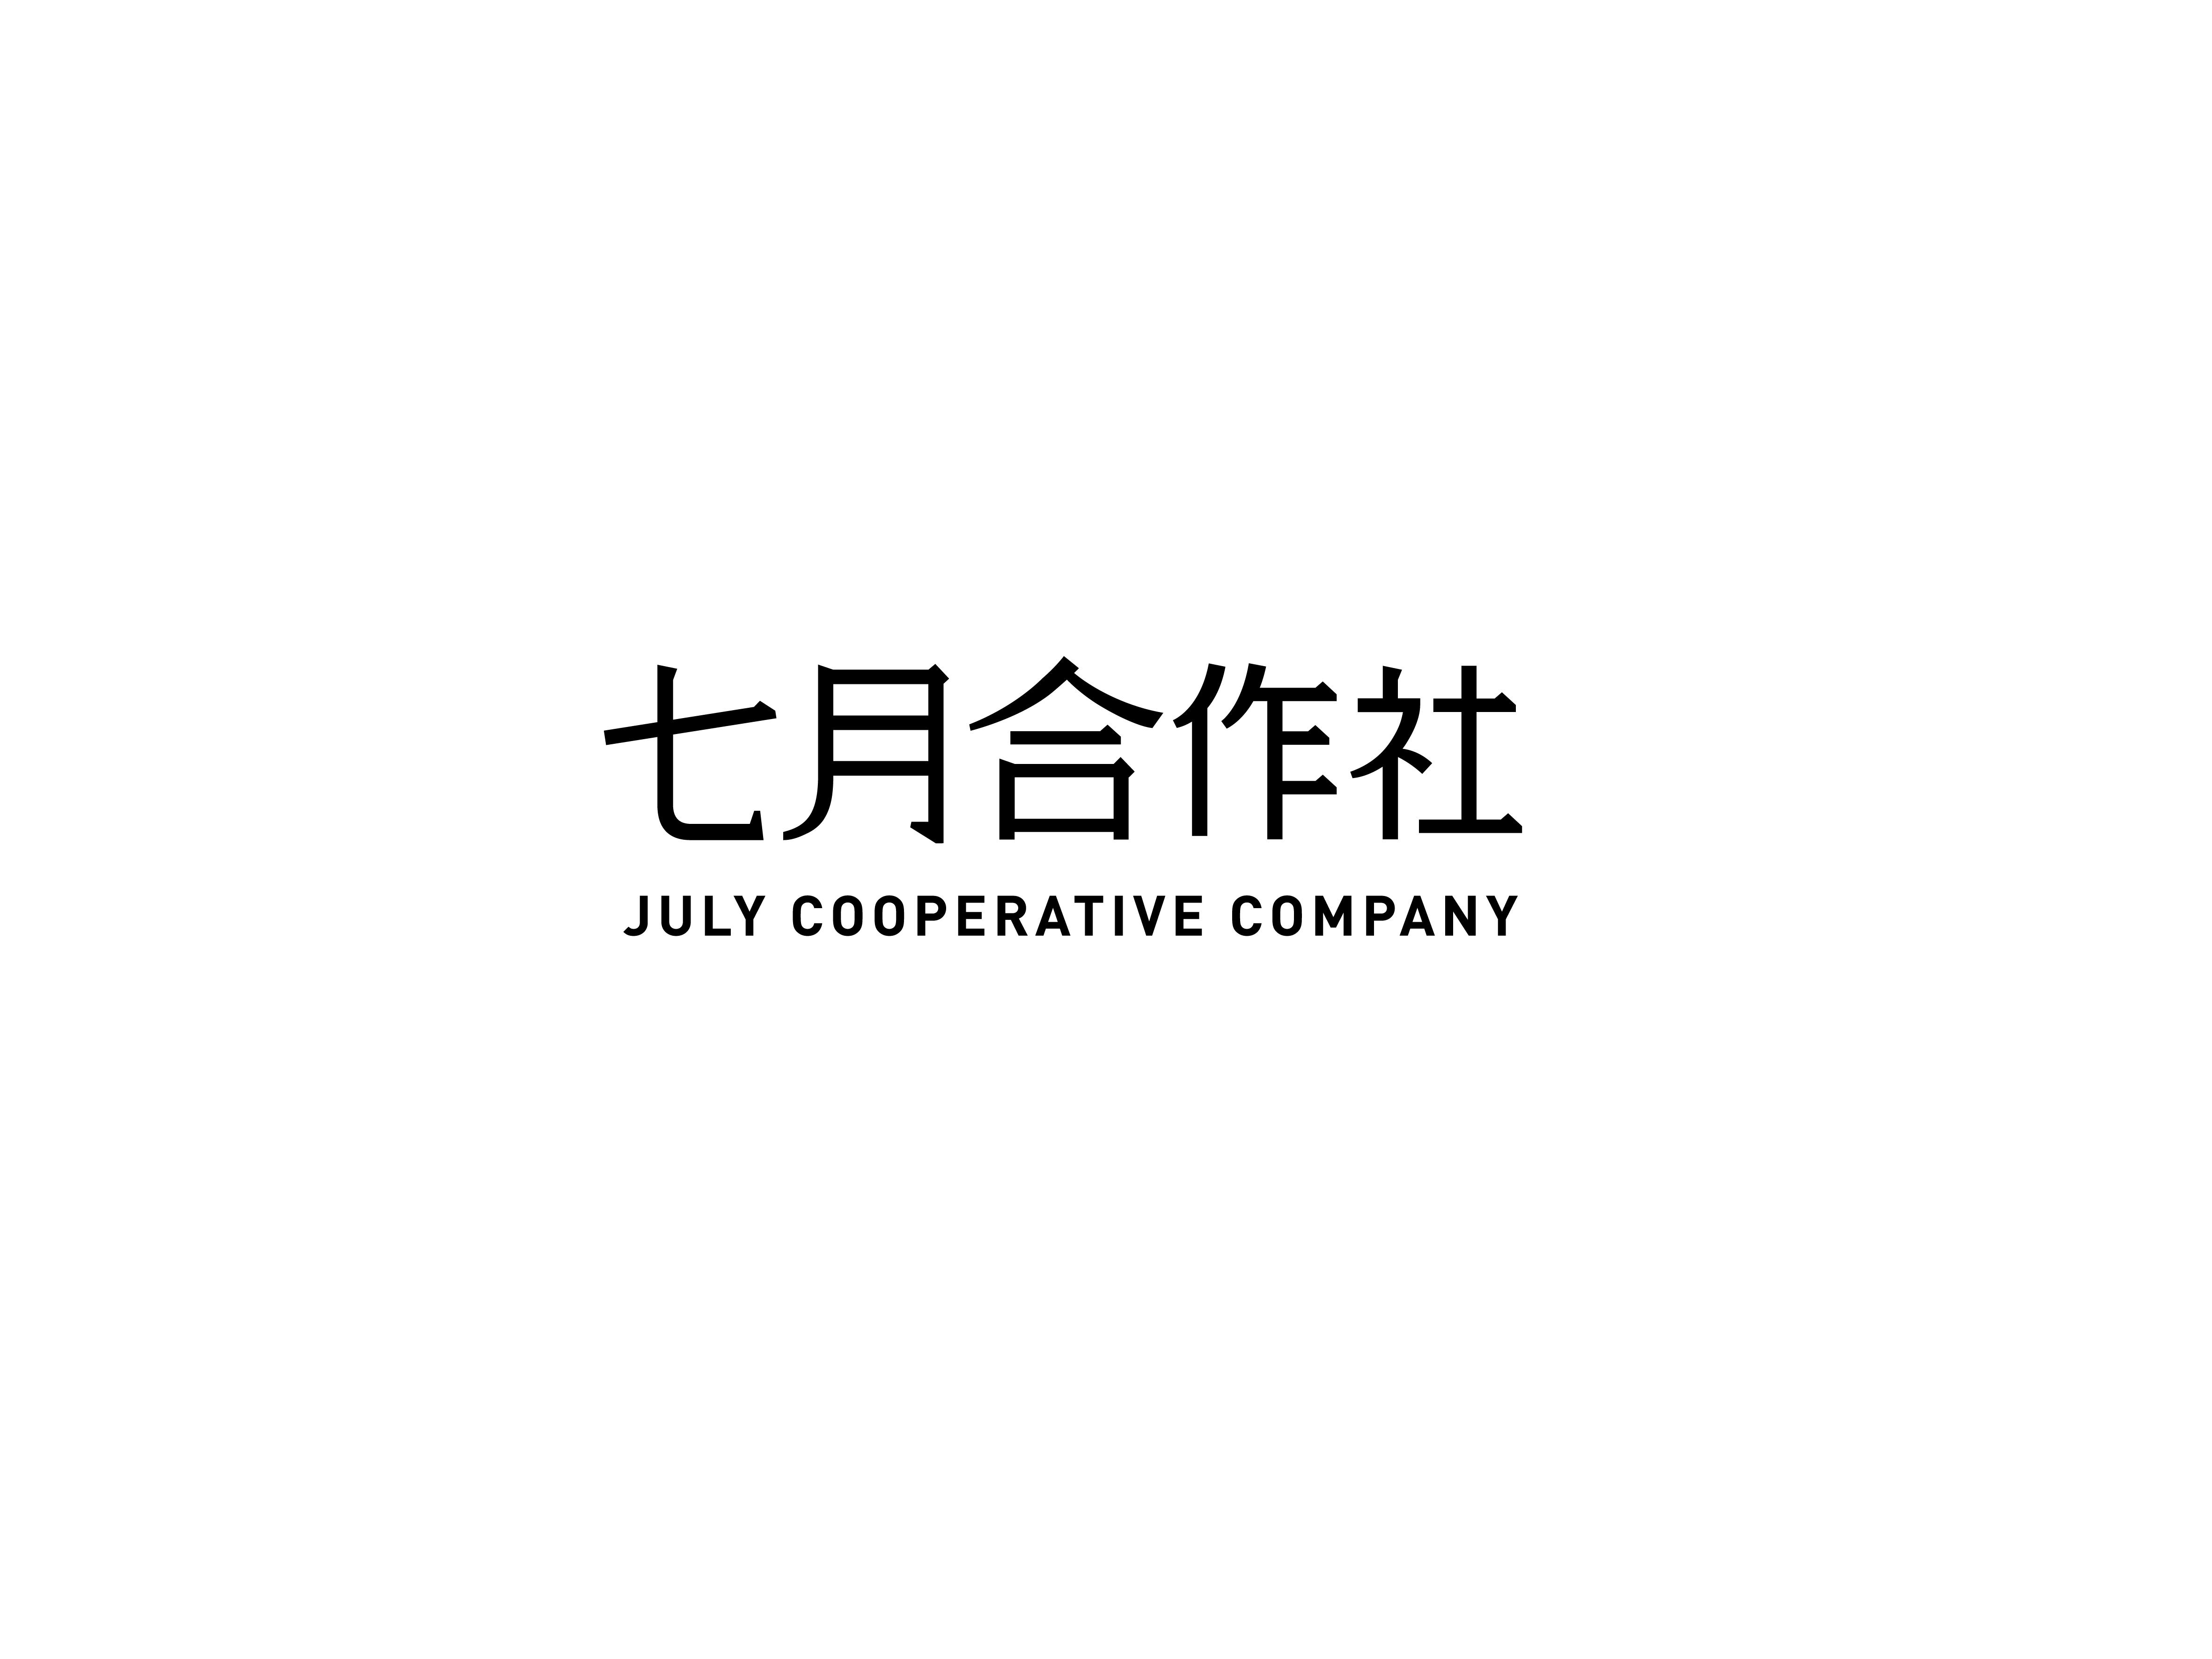 上海见是文化发展有限公司秘书日企招聘信息